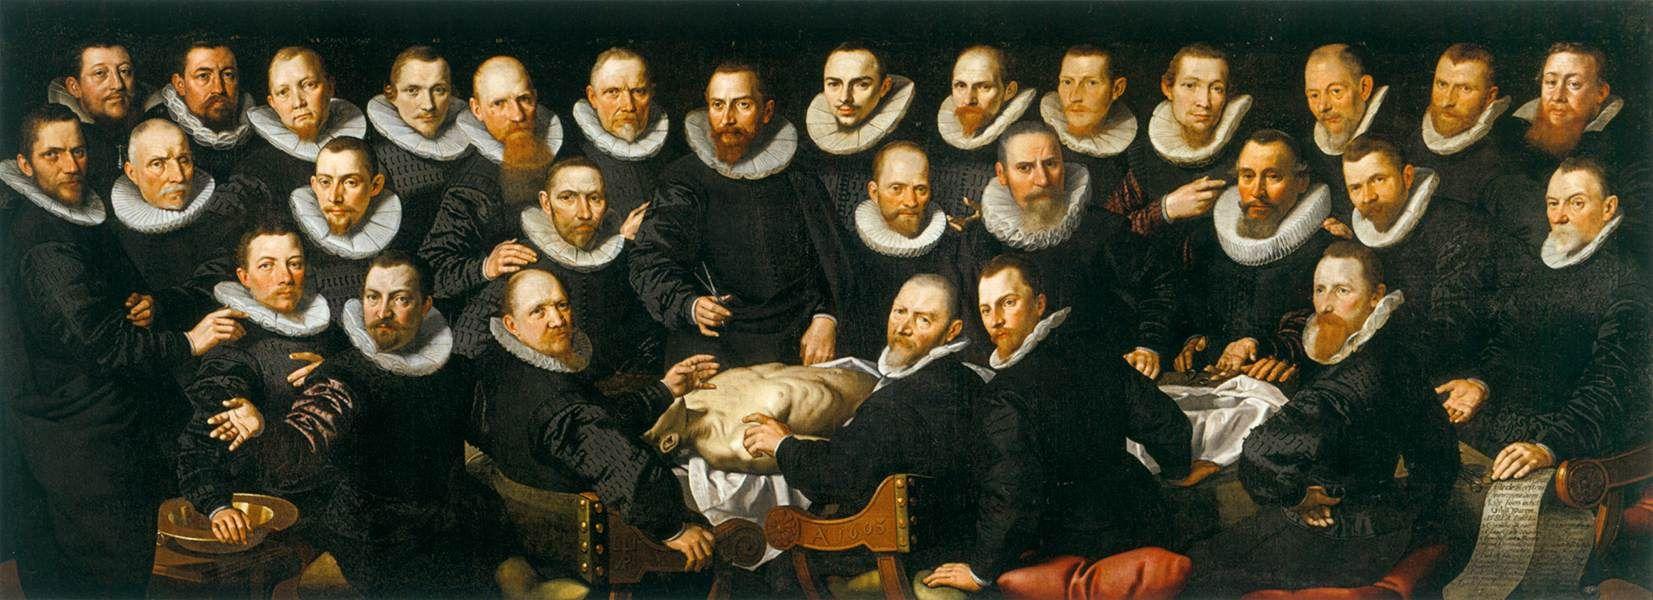 La lección de anatomía del doctor Sebastian Egbertsz | El doctor ...